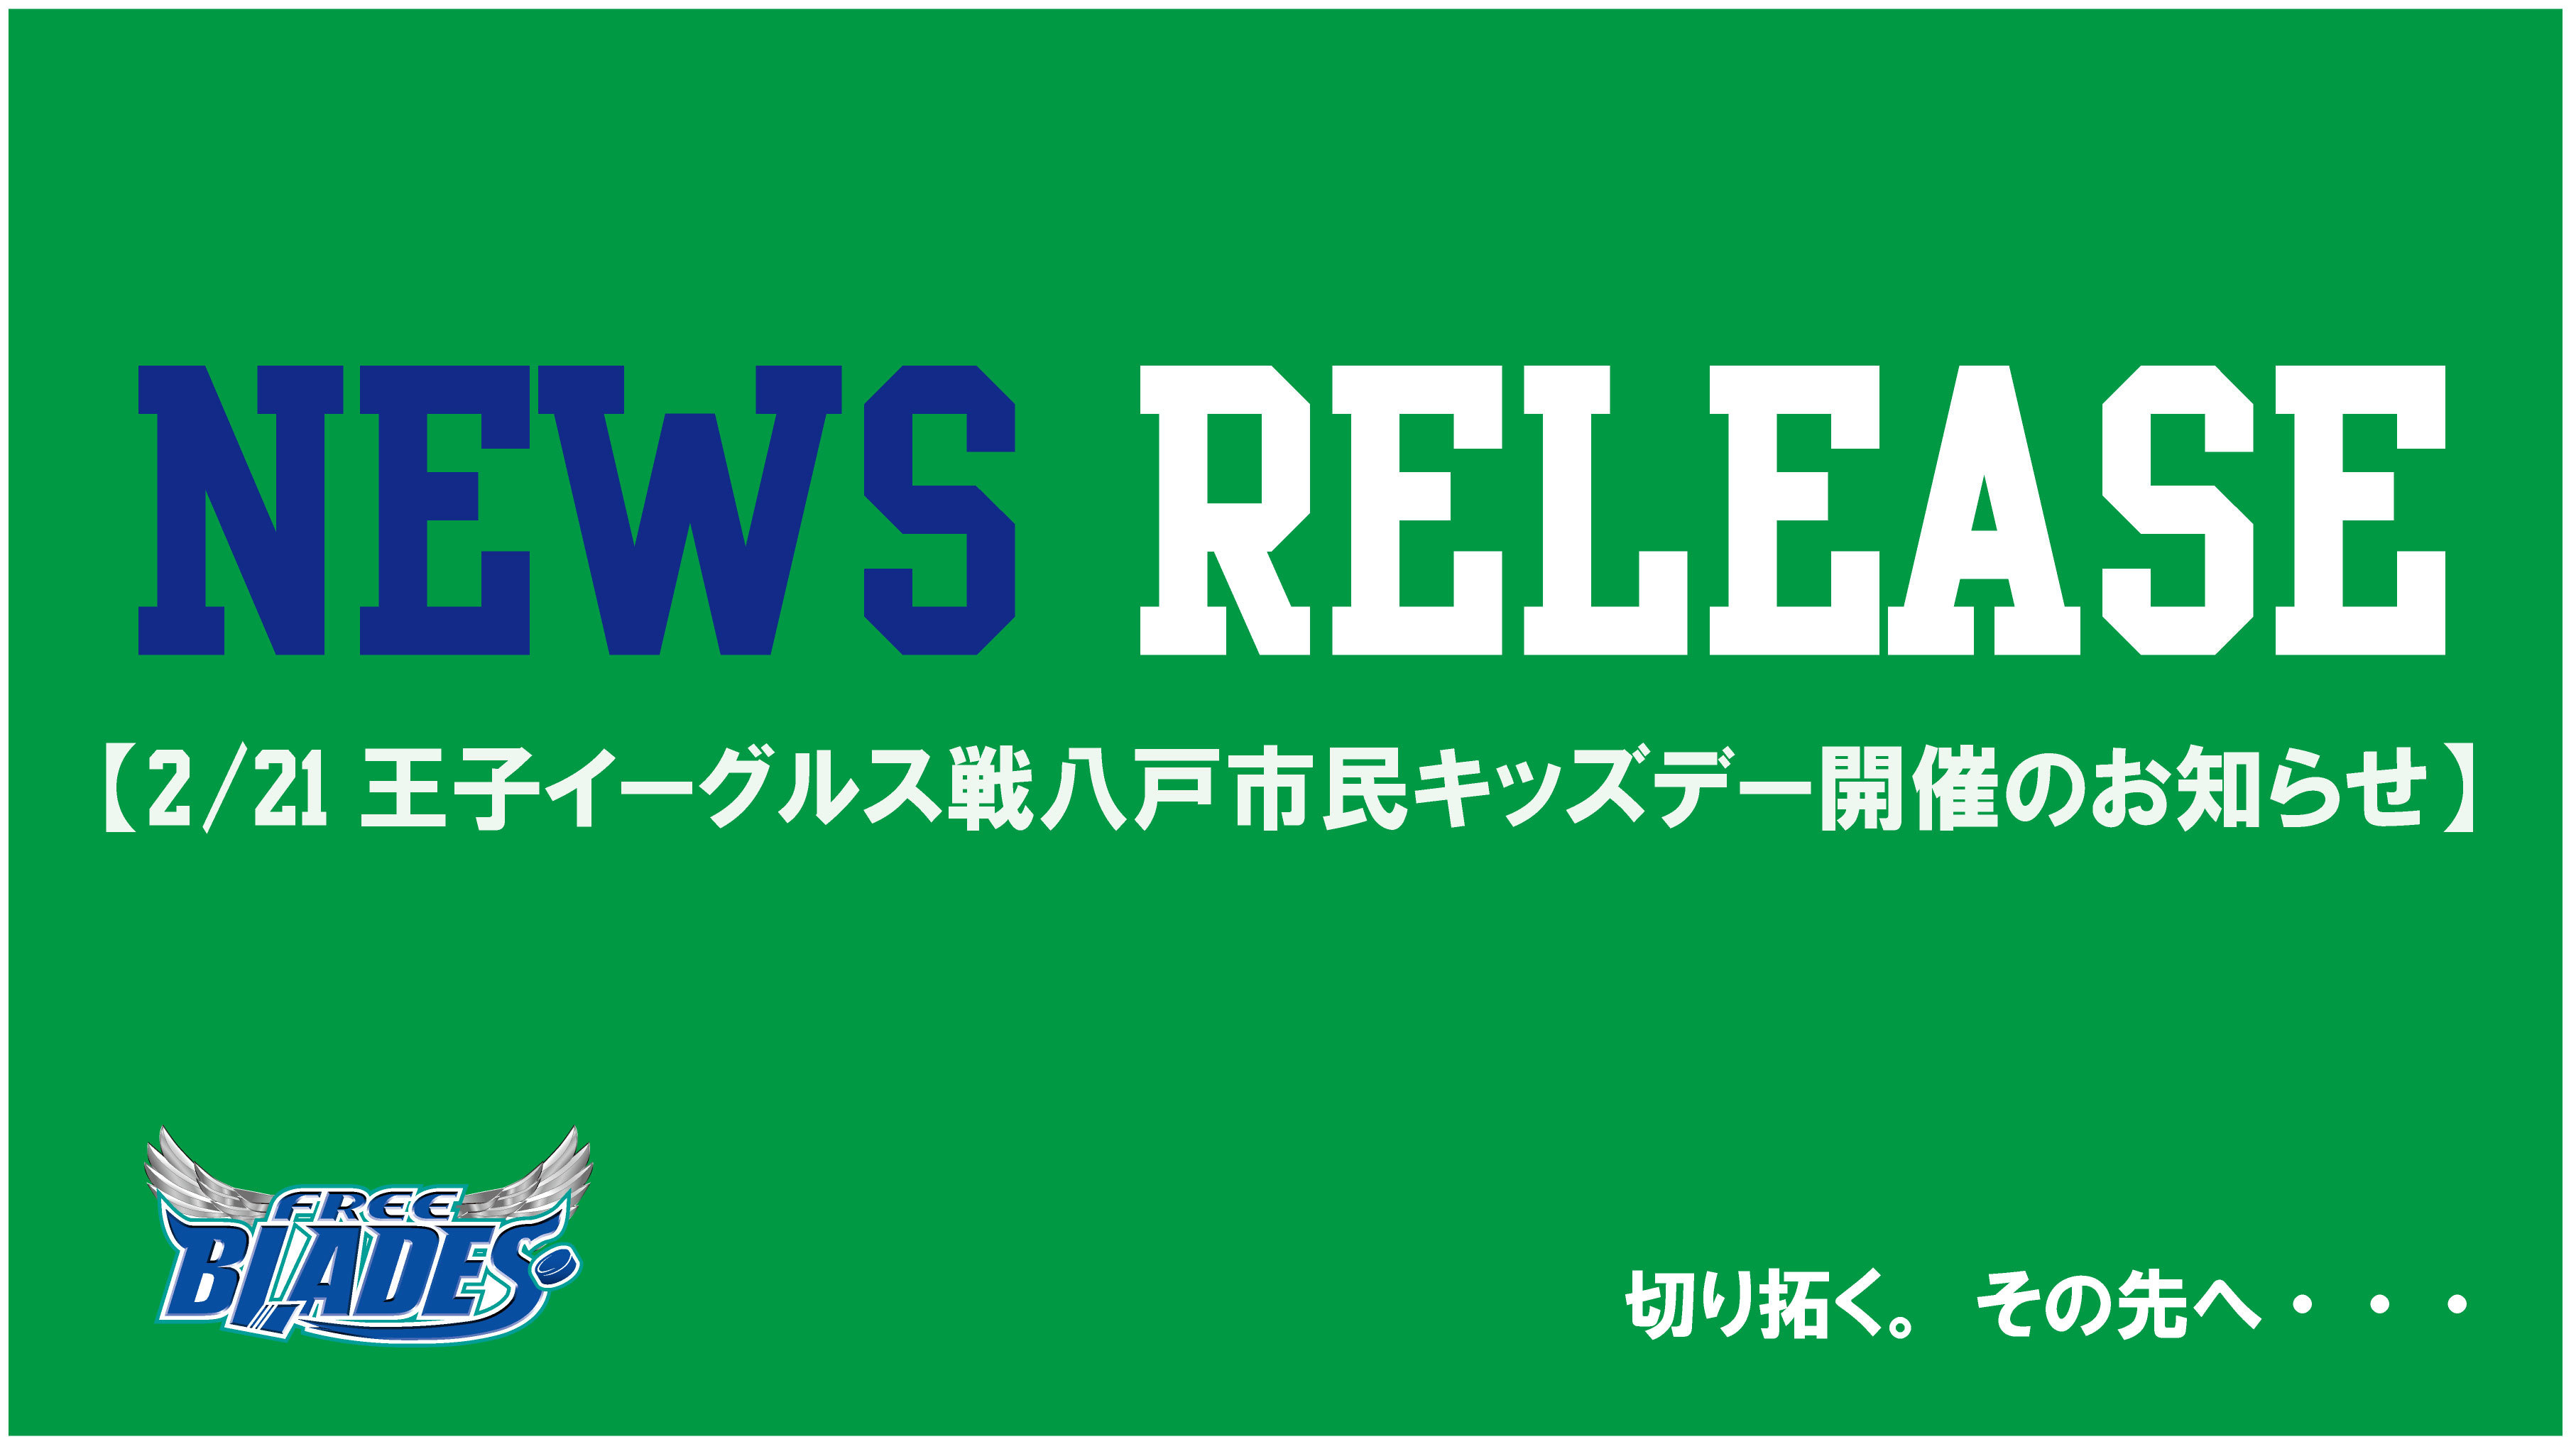 「八戸市民キッズデー」では、青森県八戸市内の小学生が無料で試合を観戦できる